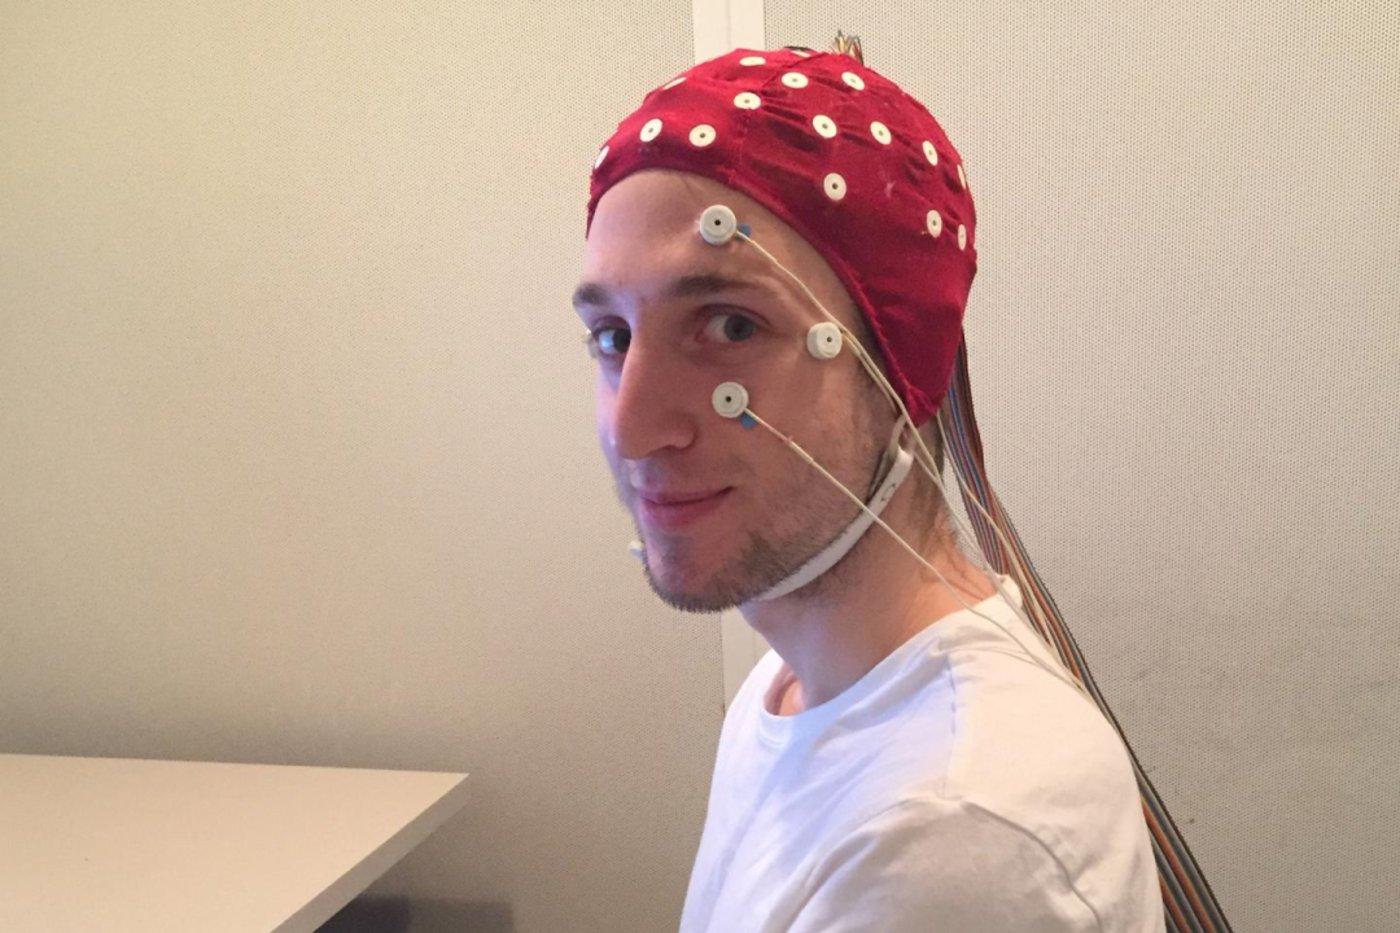 图 不同的电极会检测到眼睛的运动和脑电波情况。(来源:C. Mazurek)